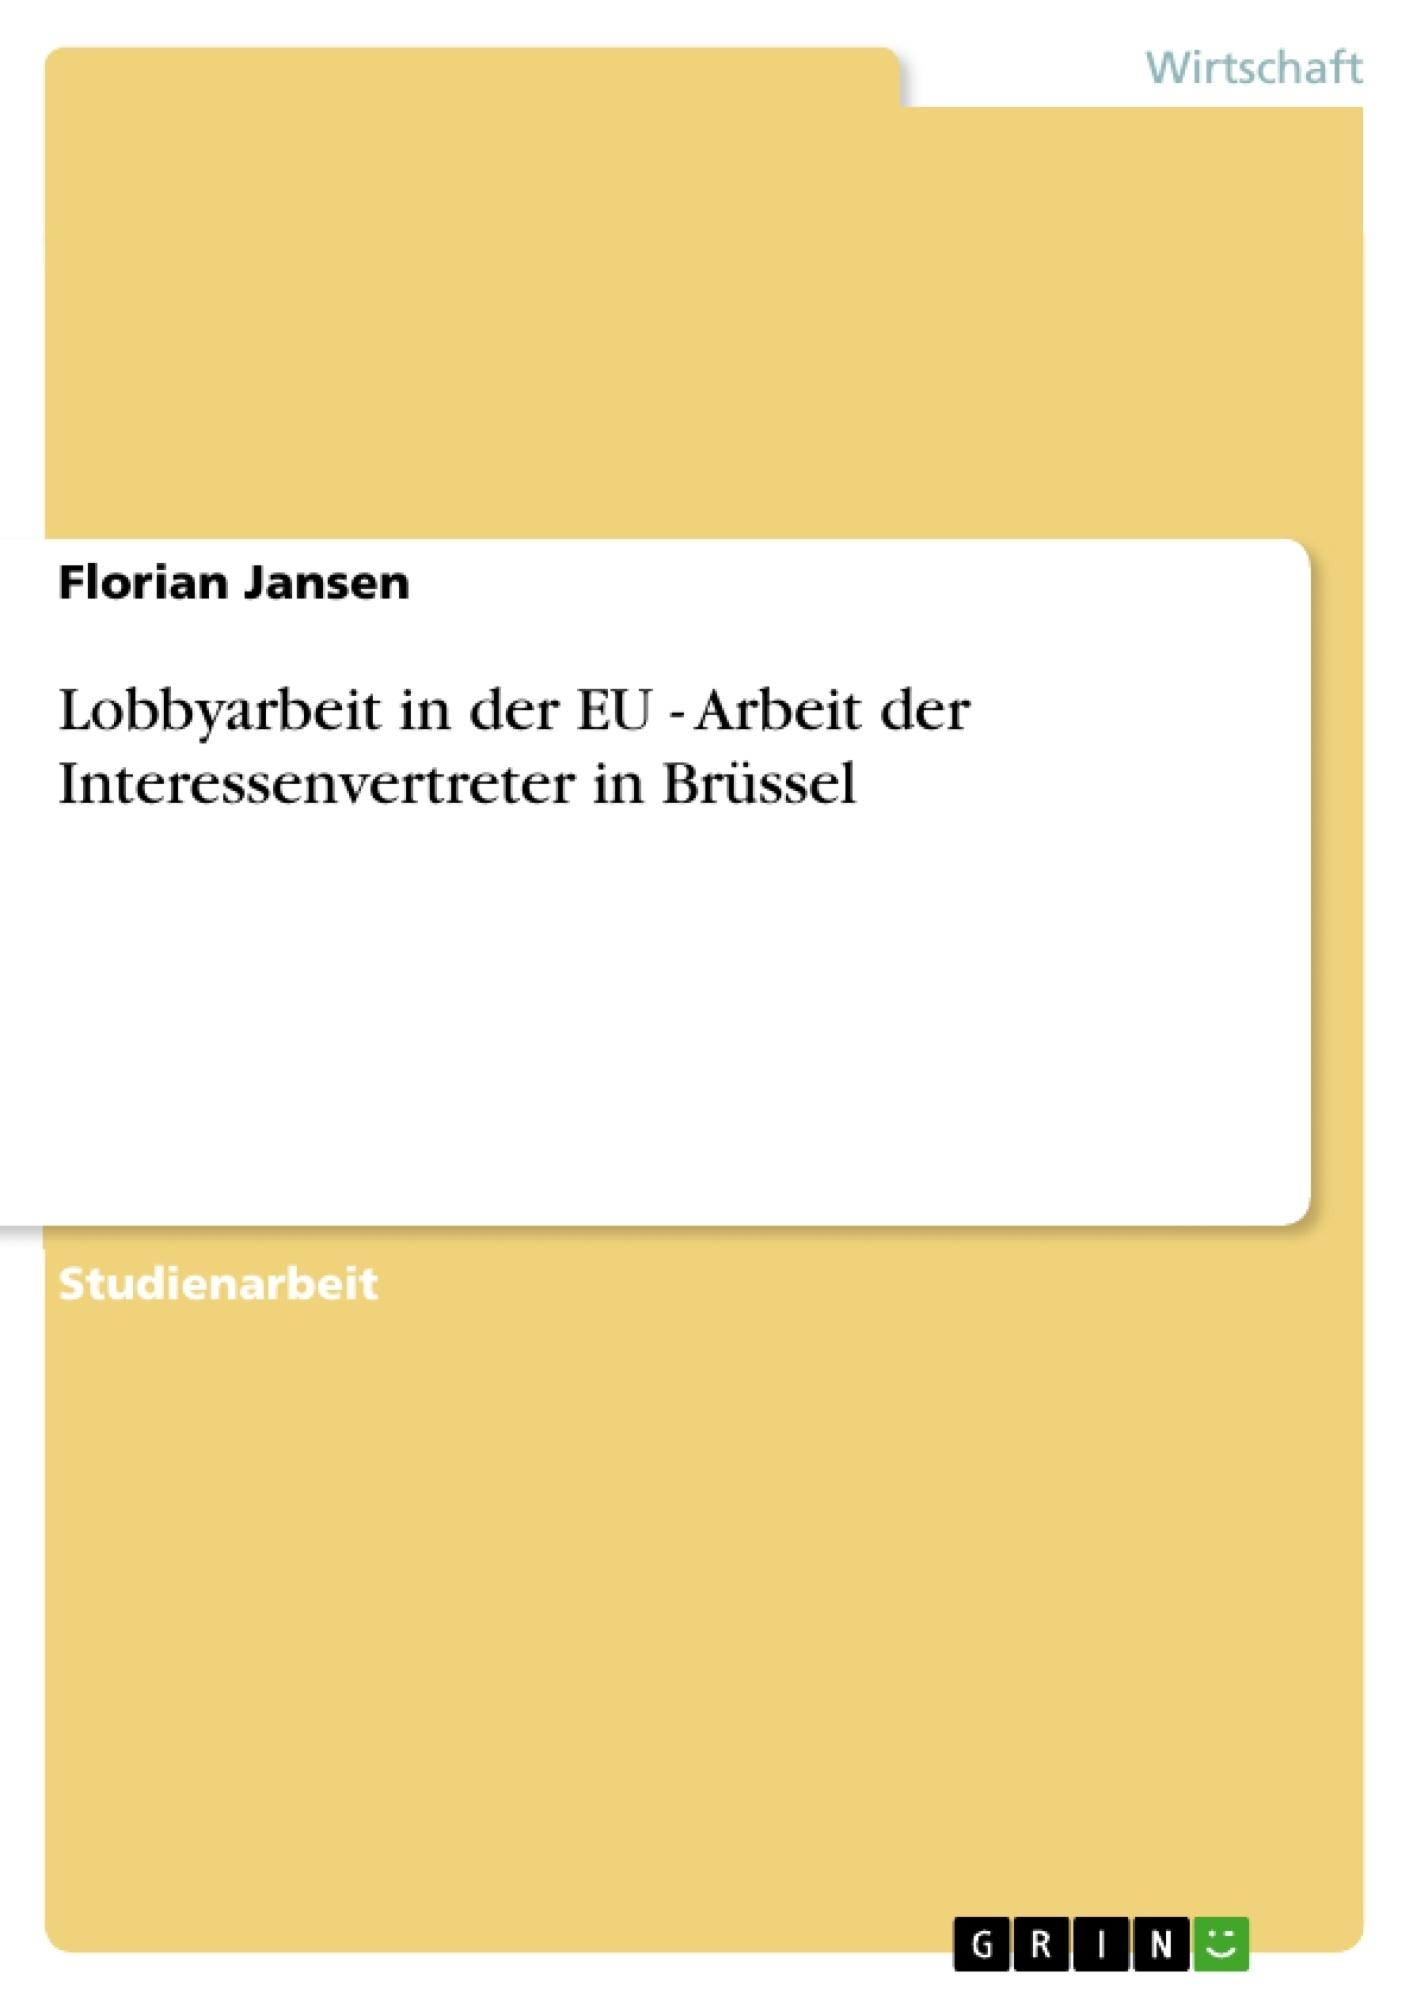 Titel: Lobbyarbeit in der EU - Arbeit der Interessenvertreter in Brüssel